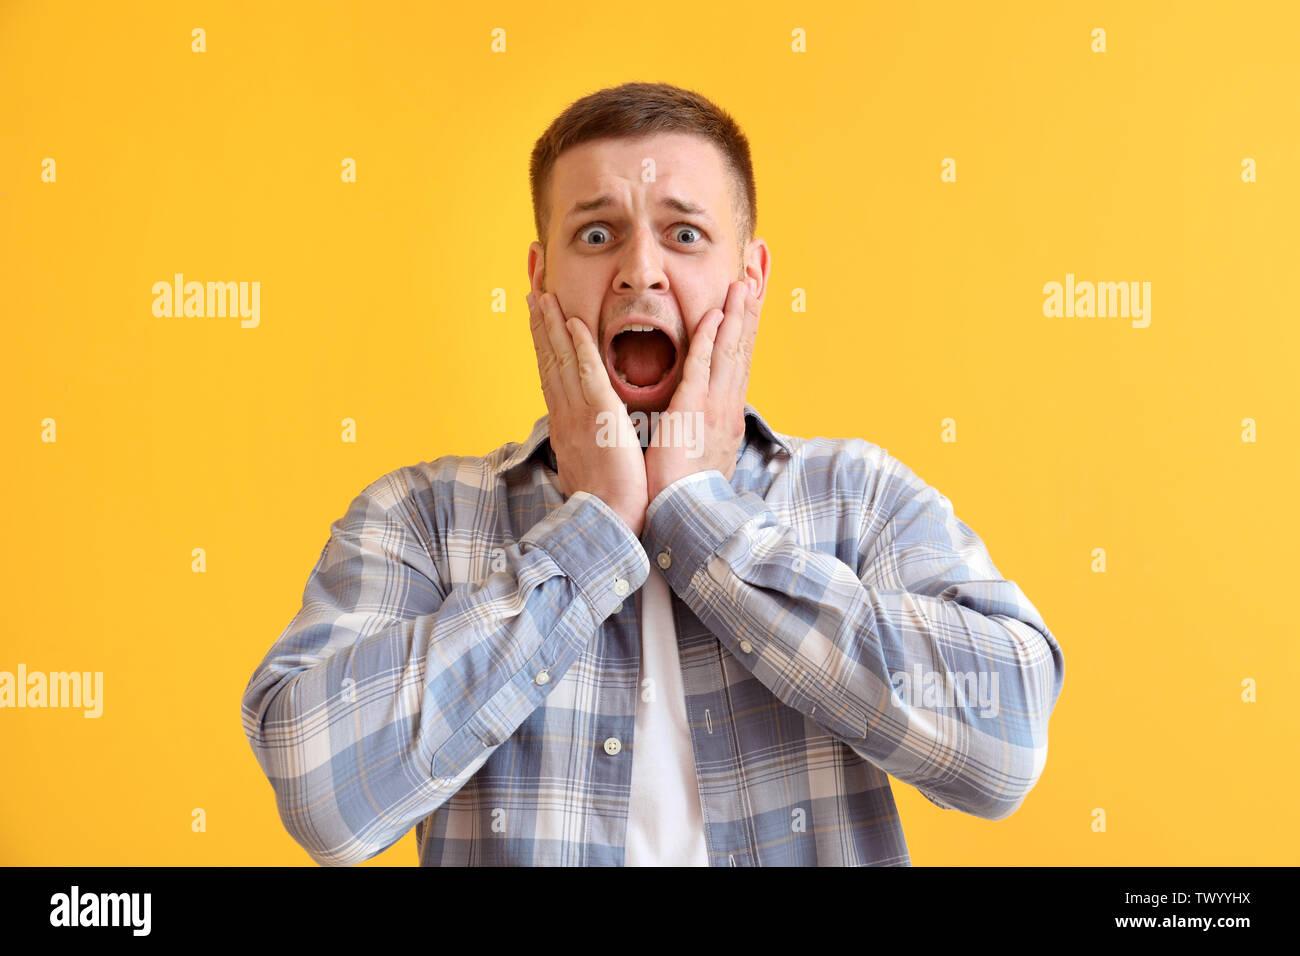 Mann in Panik Attacke auf farbigen Hintergrund Stockbild